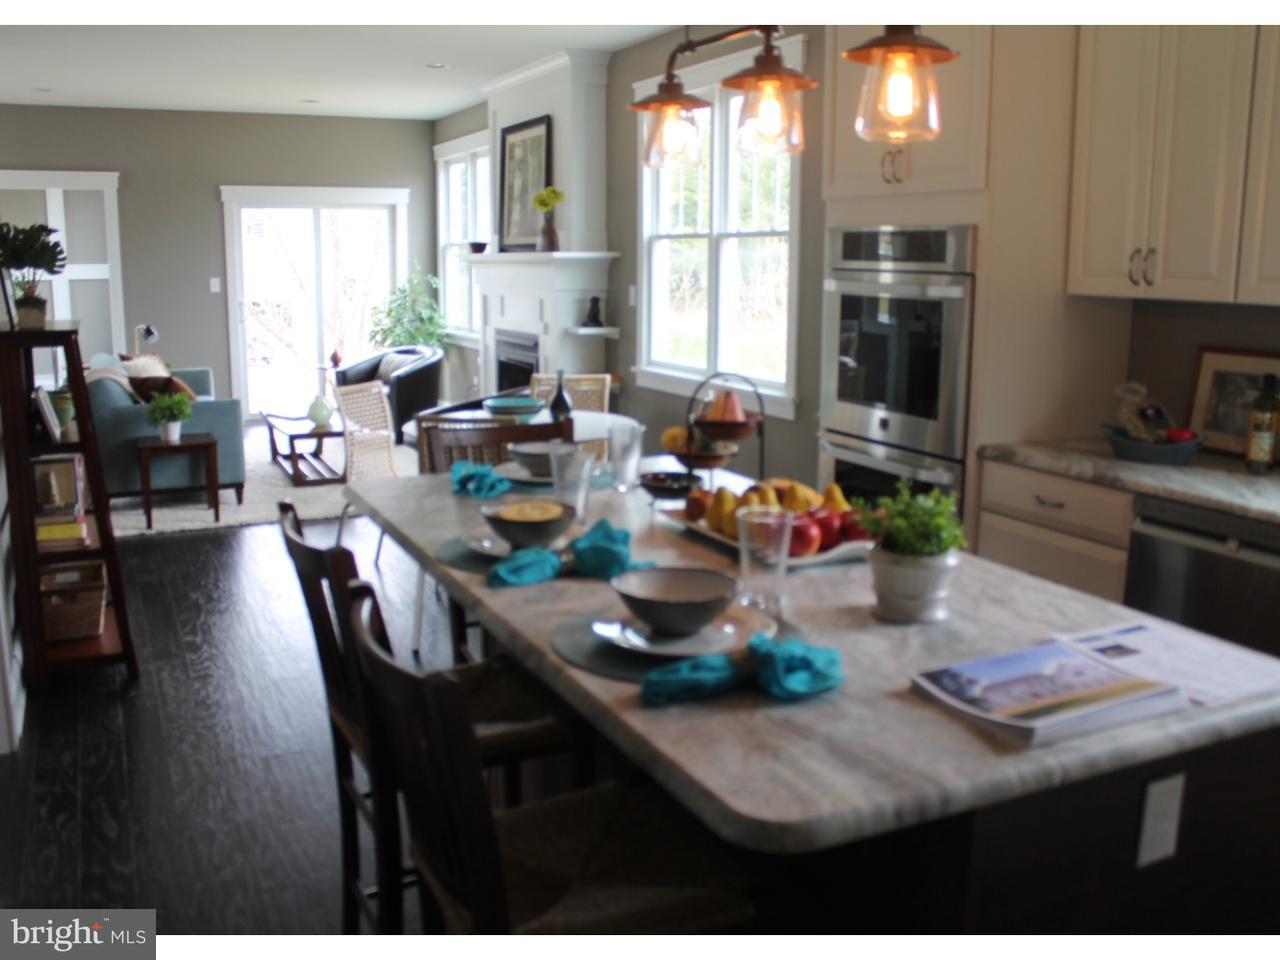 独户住宅 为 销售 在 86 DORCHESTER WAY 菲尼克斯维尔, 宾夕法尼亚州 19460 美国